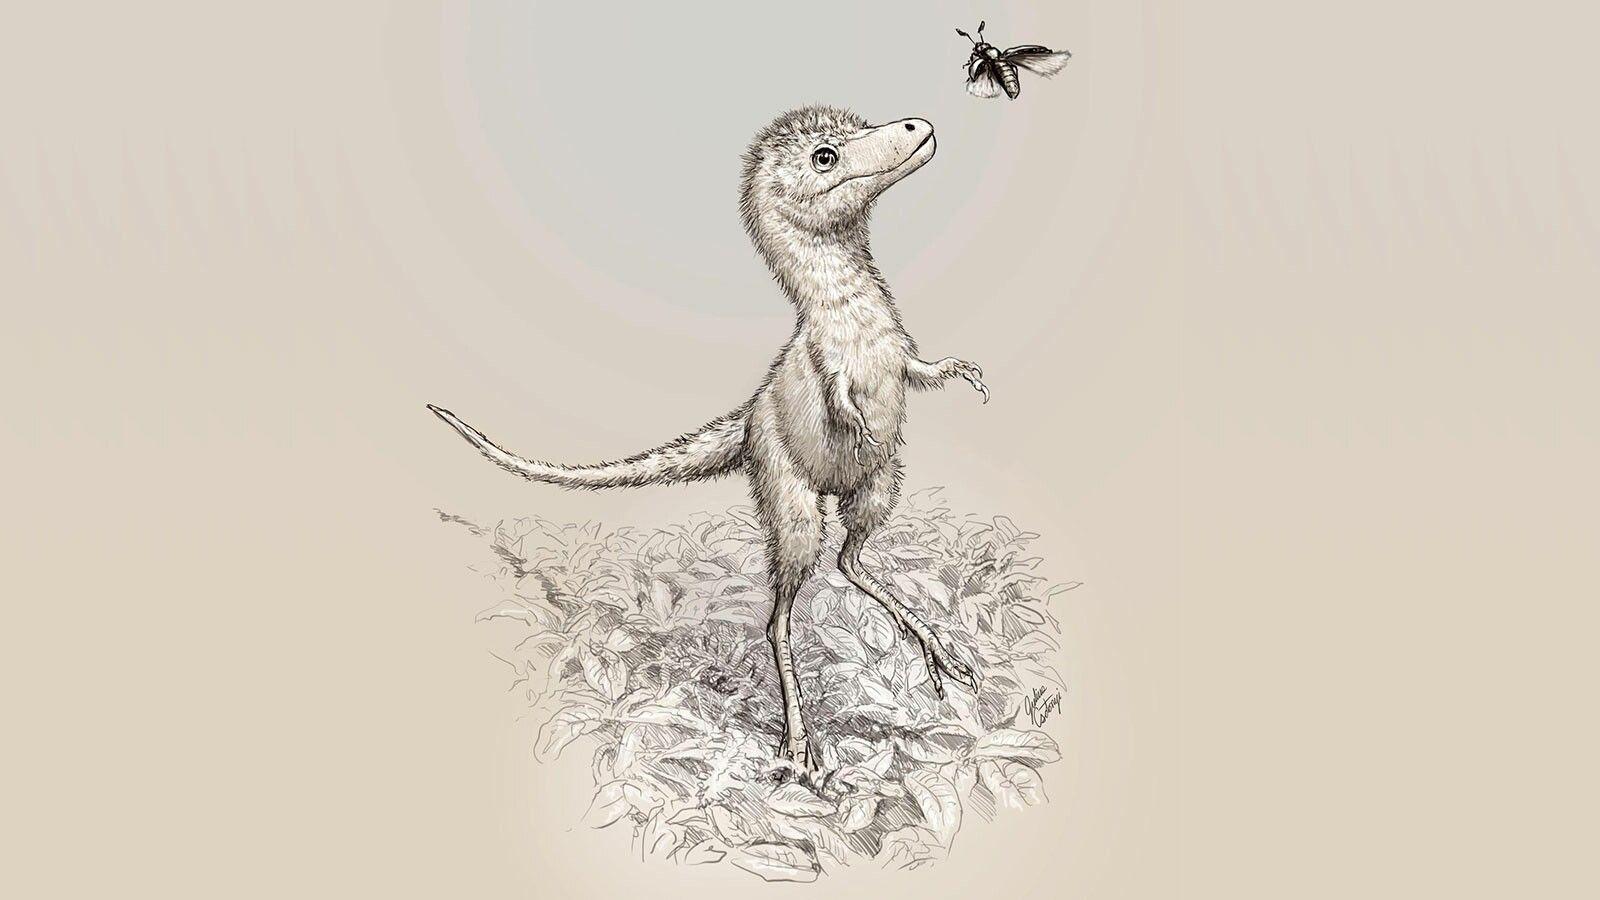 Illustration eines jungen Tyrannosaurus rex